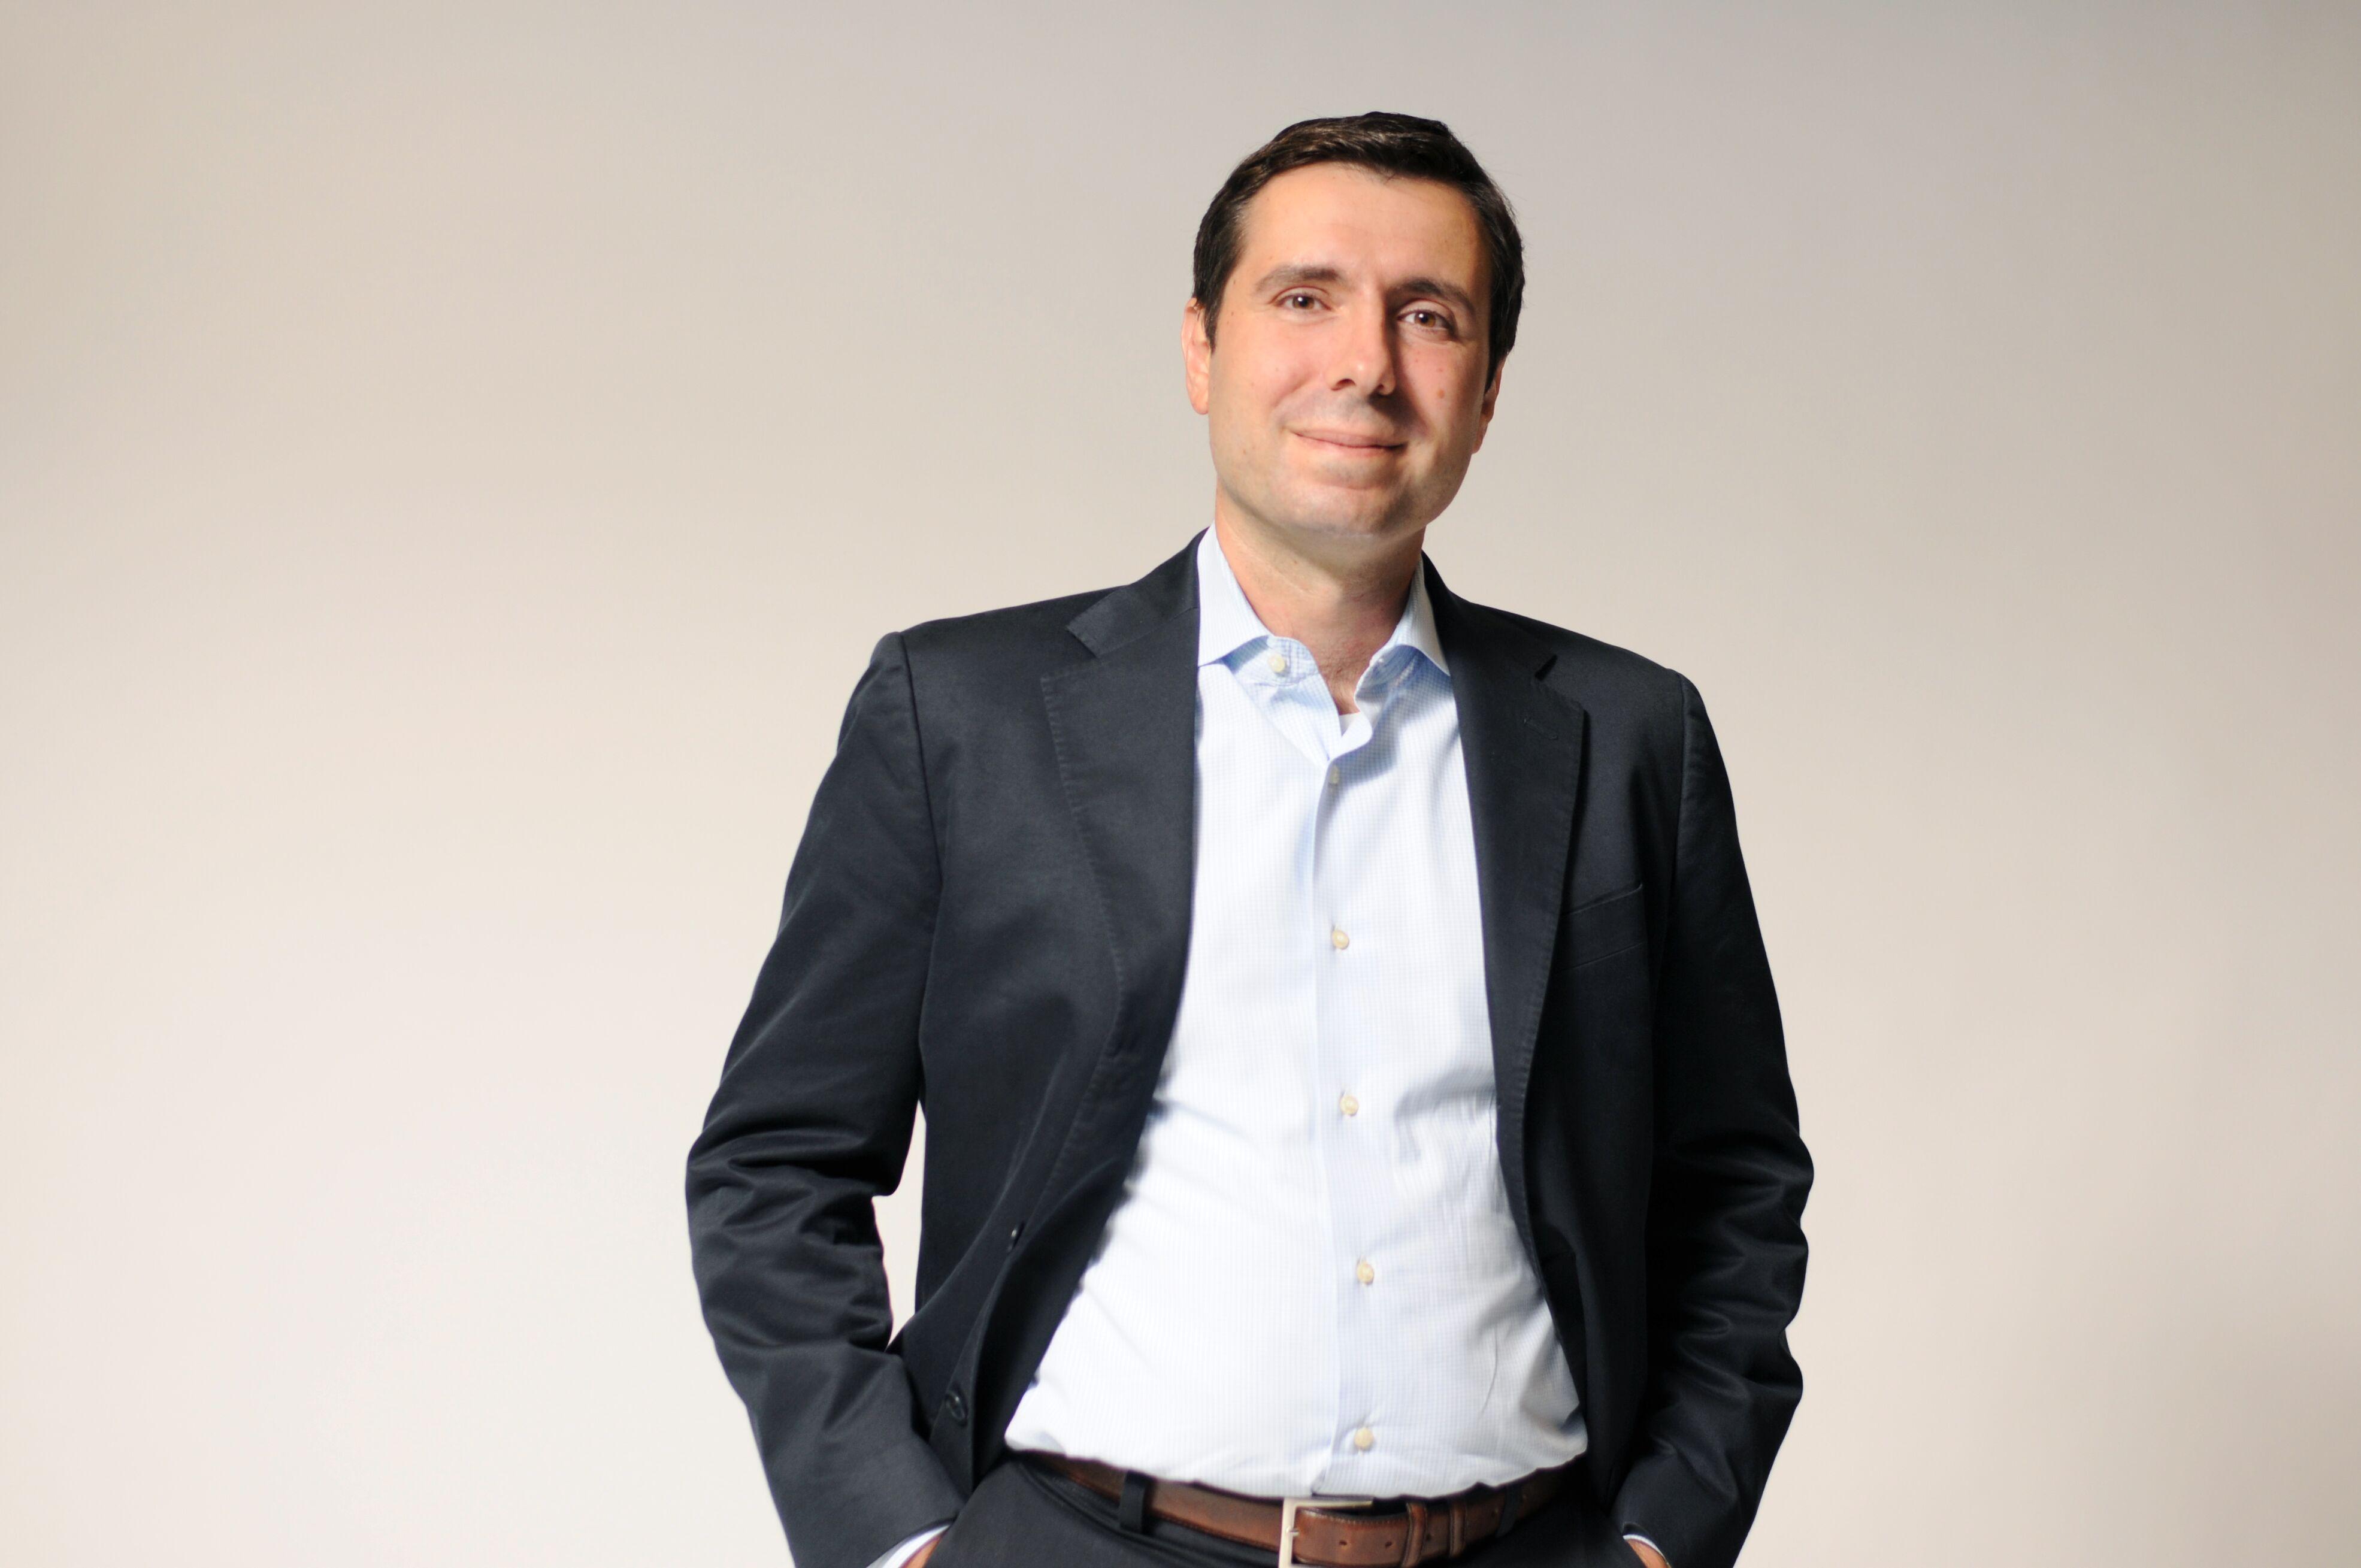 Matteo Grazzi